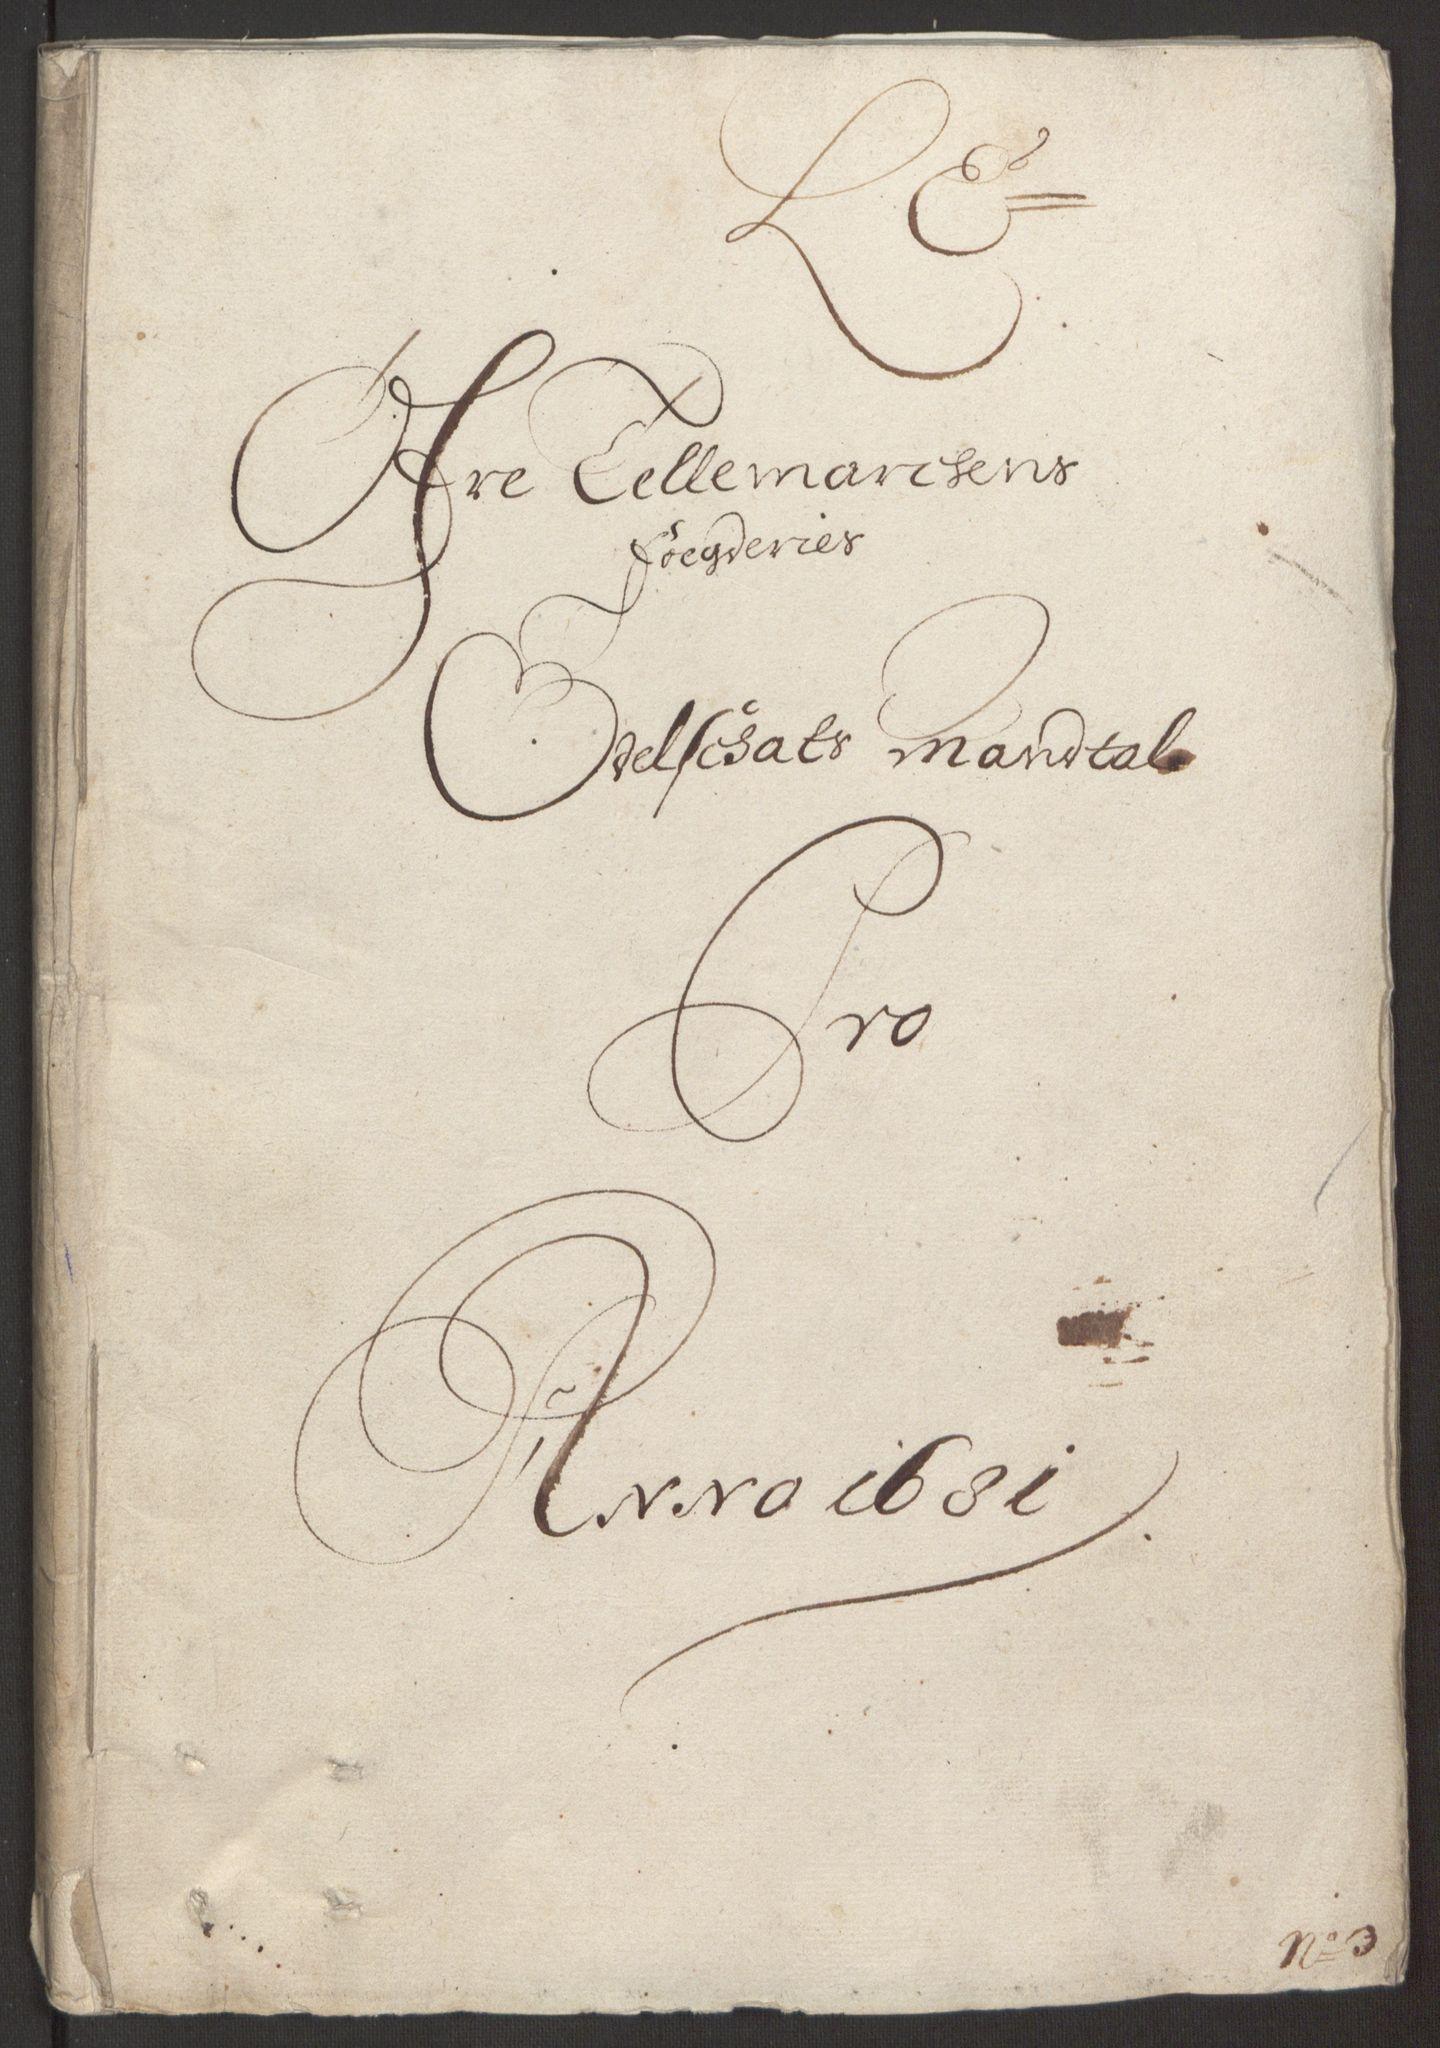 RA, Rentekammeret inntil 1814, Reviderte regnskaper, Fogderegnskap, R35/L2077: Fogderegnskap Øvre og Nedre Telemark, 1680-1684, s. 188